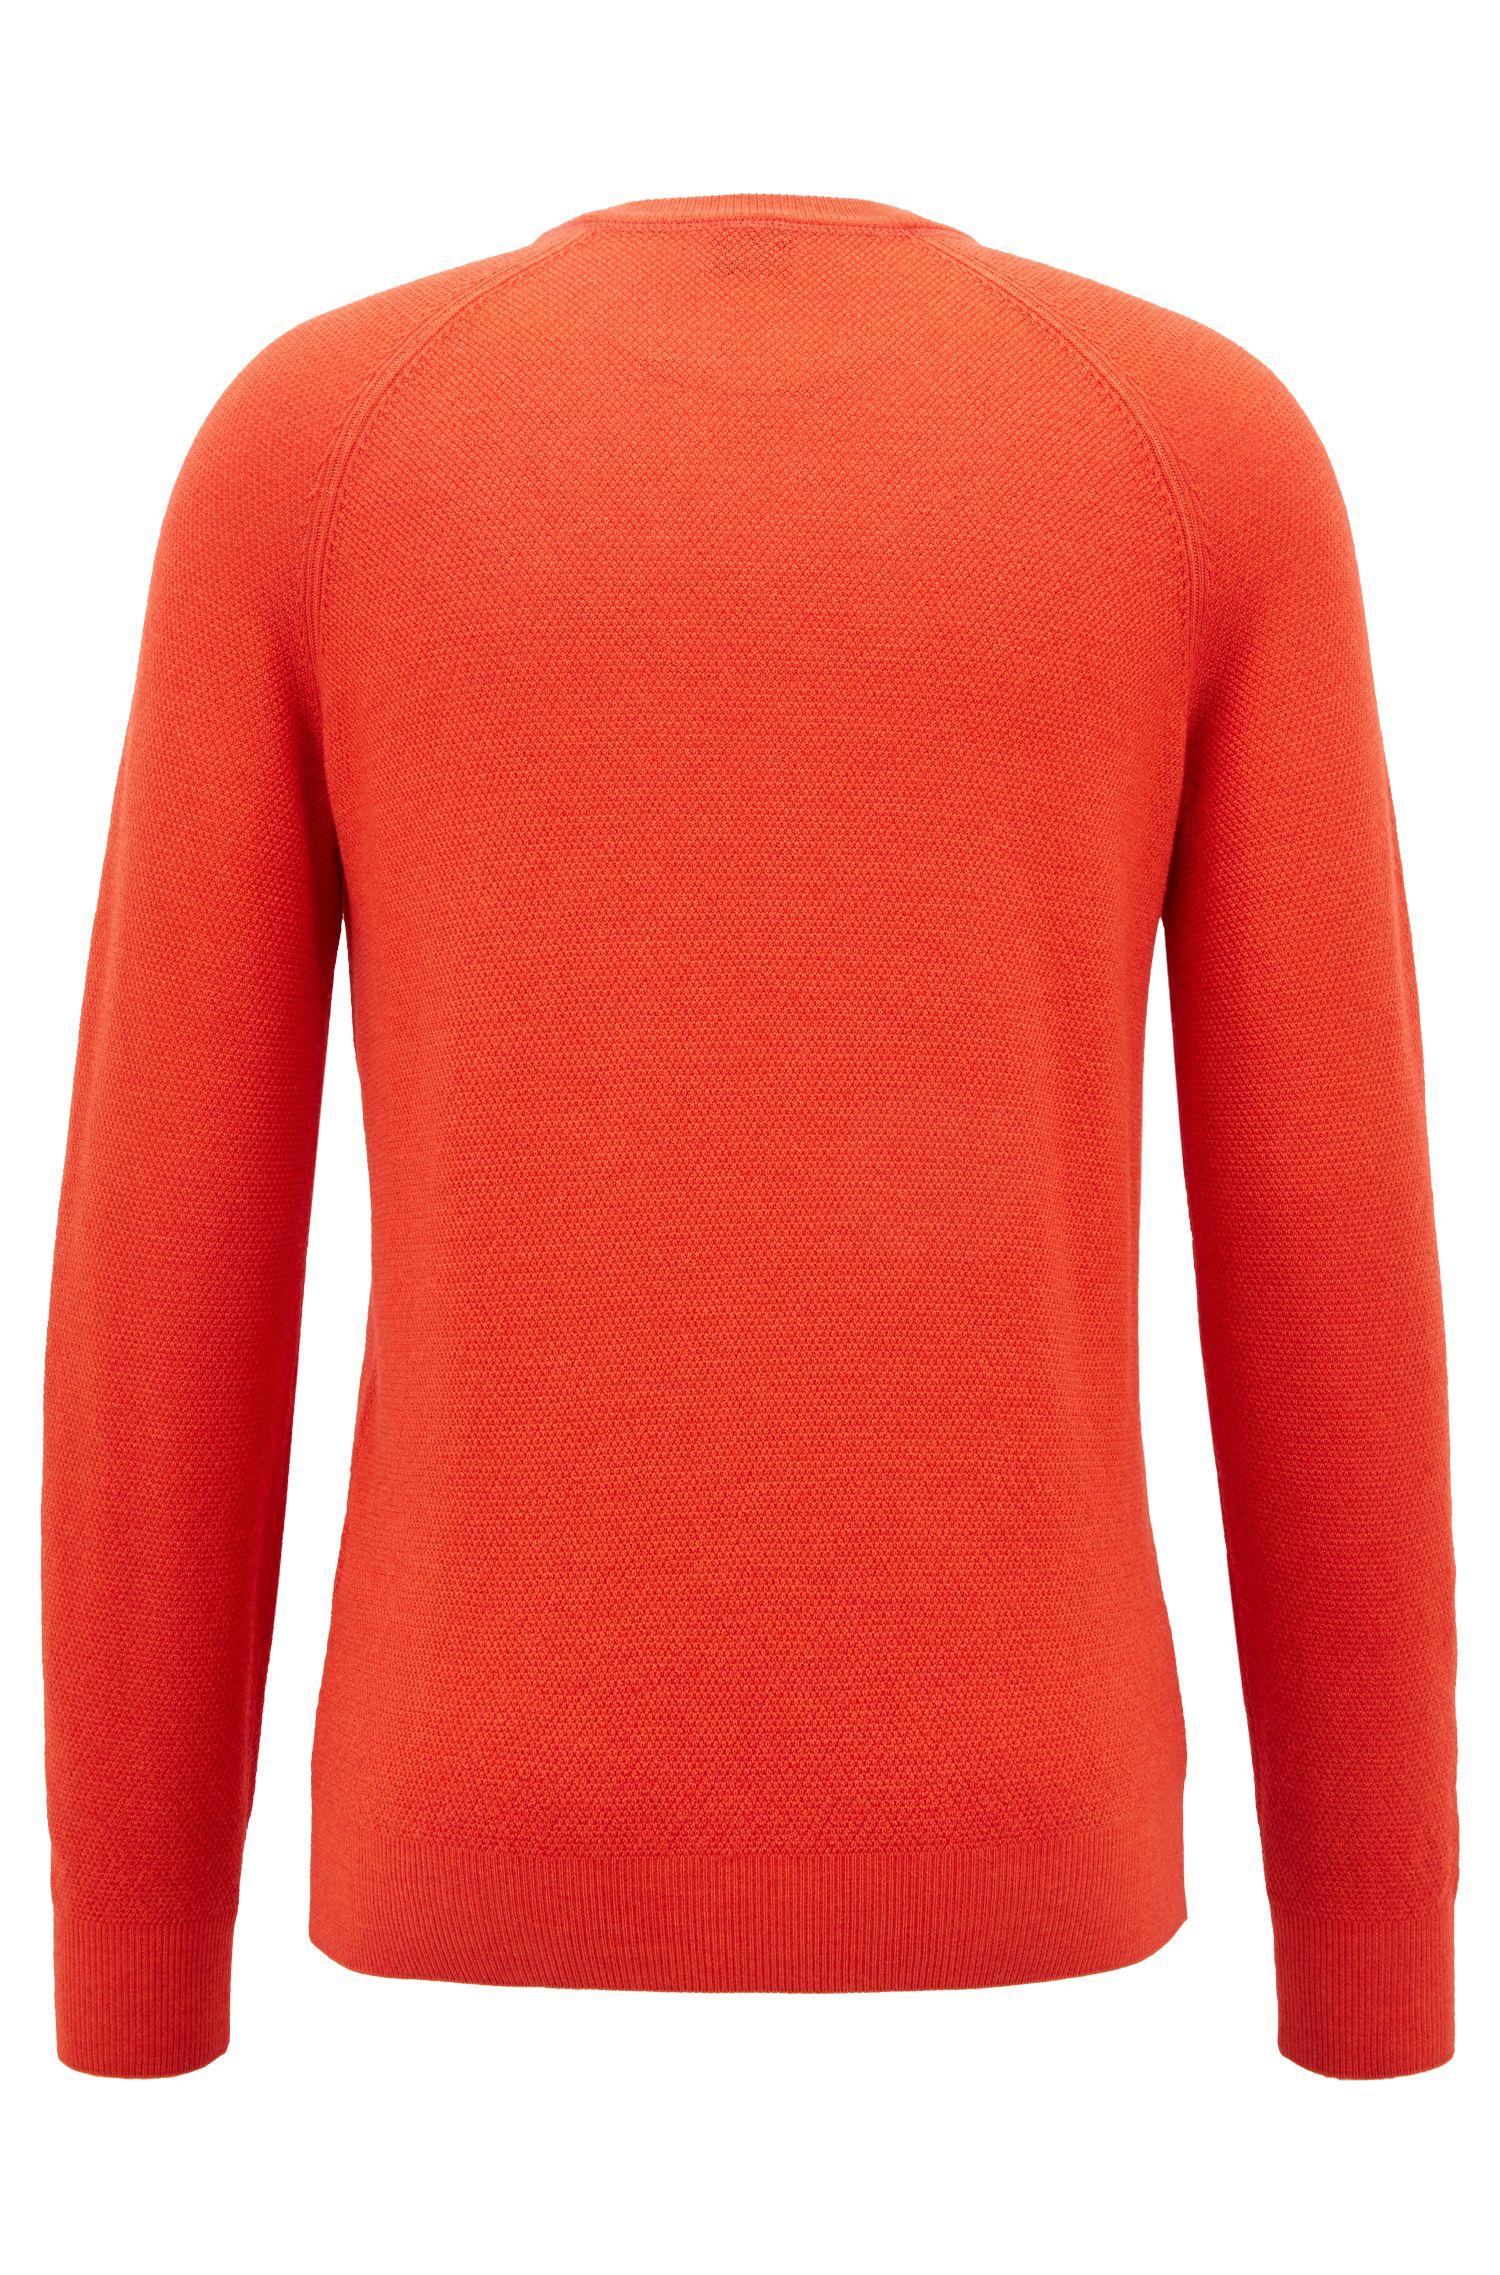 Pullover aus leichtem Merinowoll-Piqué mit Rundhalsausschnitt, Hellrot